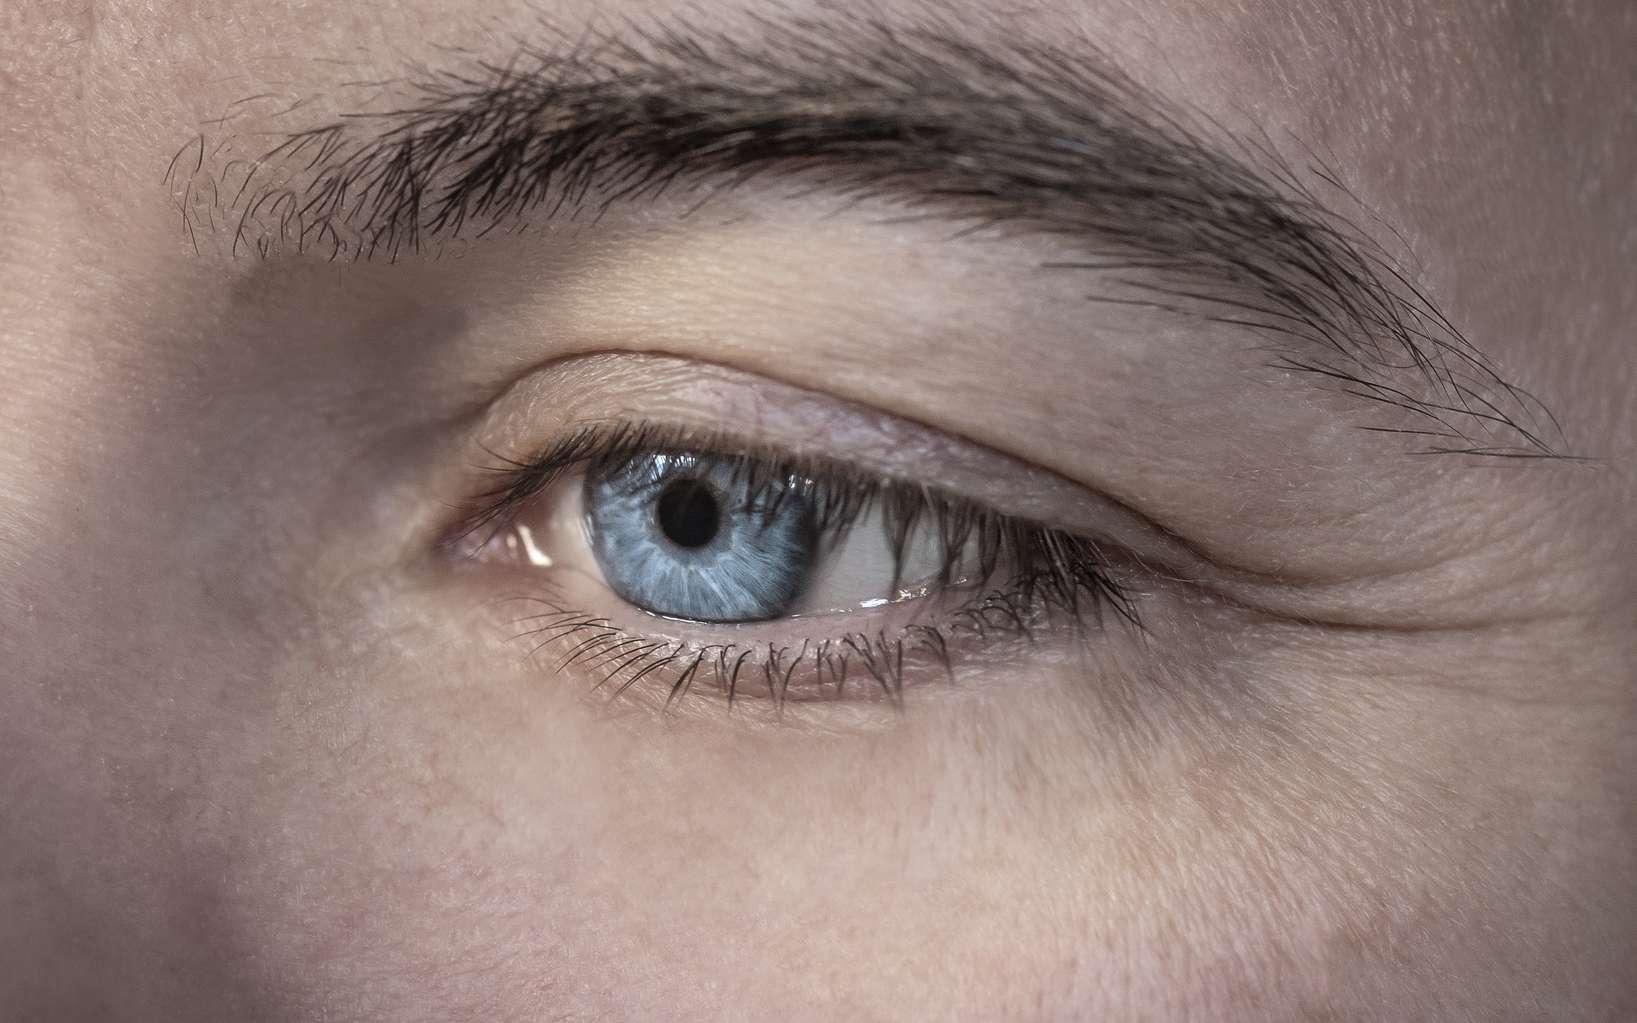 Un nouveau dispositif de rétine artificielle pourrait permettre de restaurer la vision des patients souffrant de dégénérescence maculaire liée à l'âge (DMLA) ou de rétinopathies pigmentaire. © MS Photographie, Fotolia